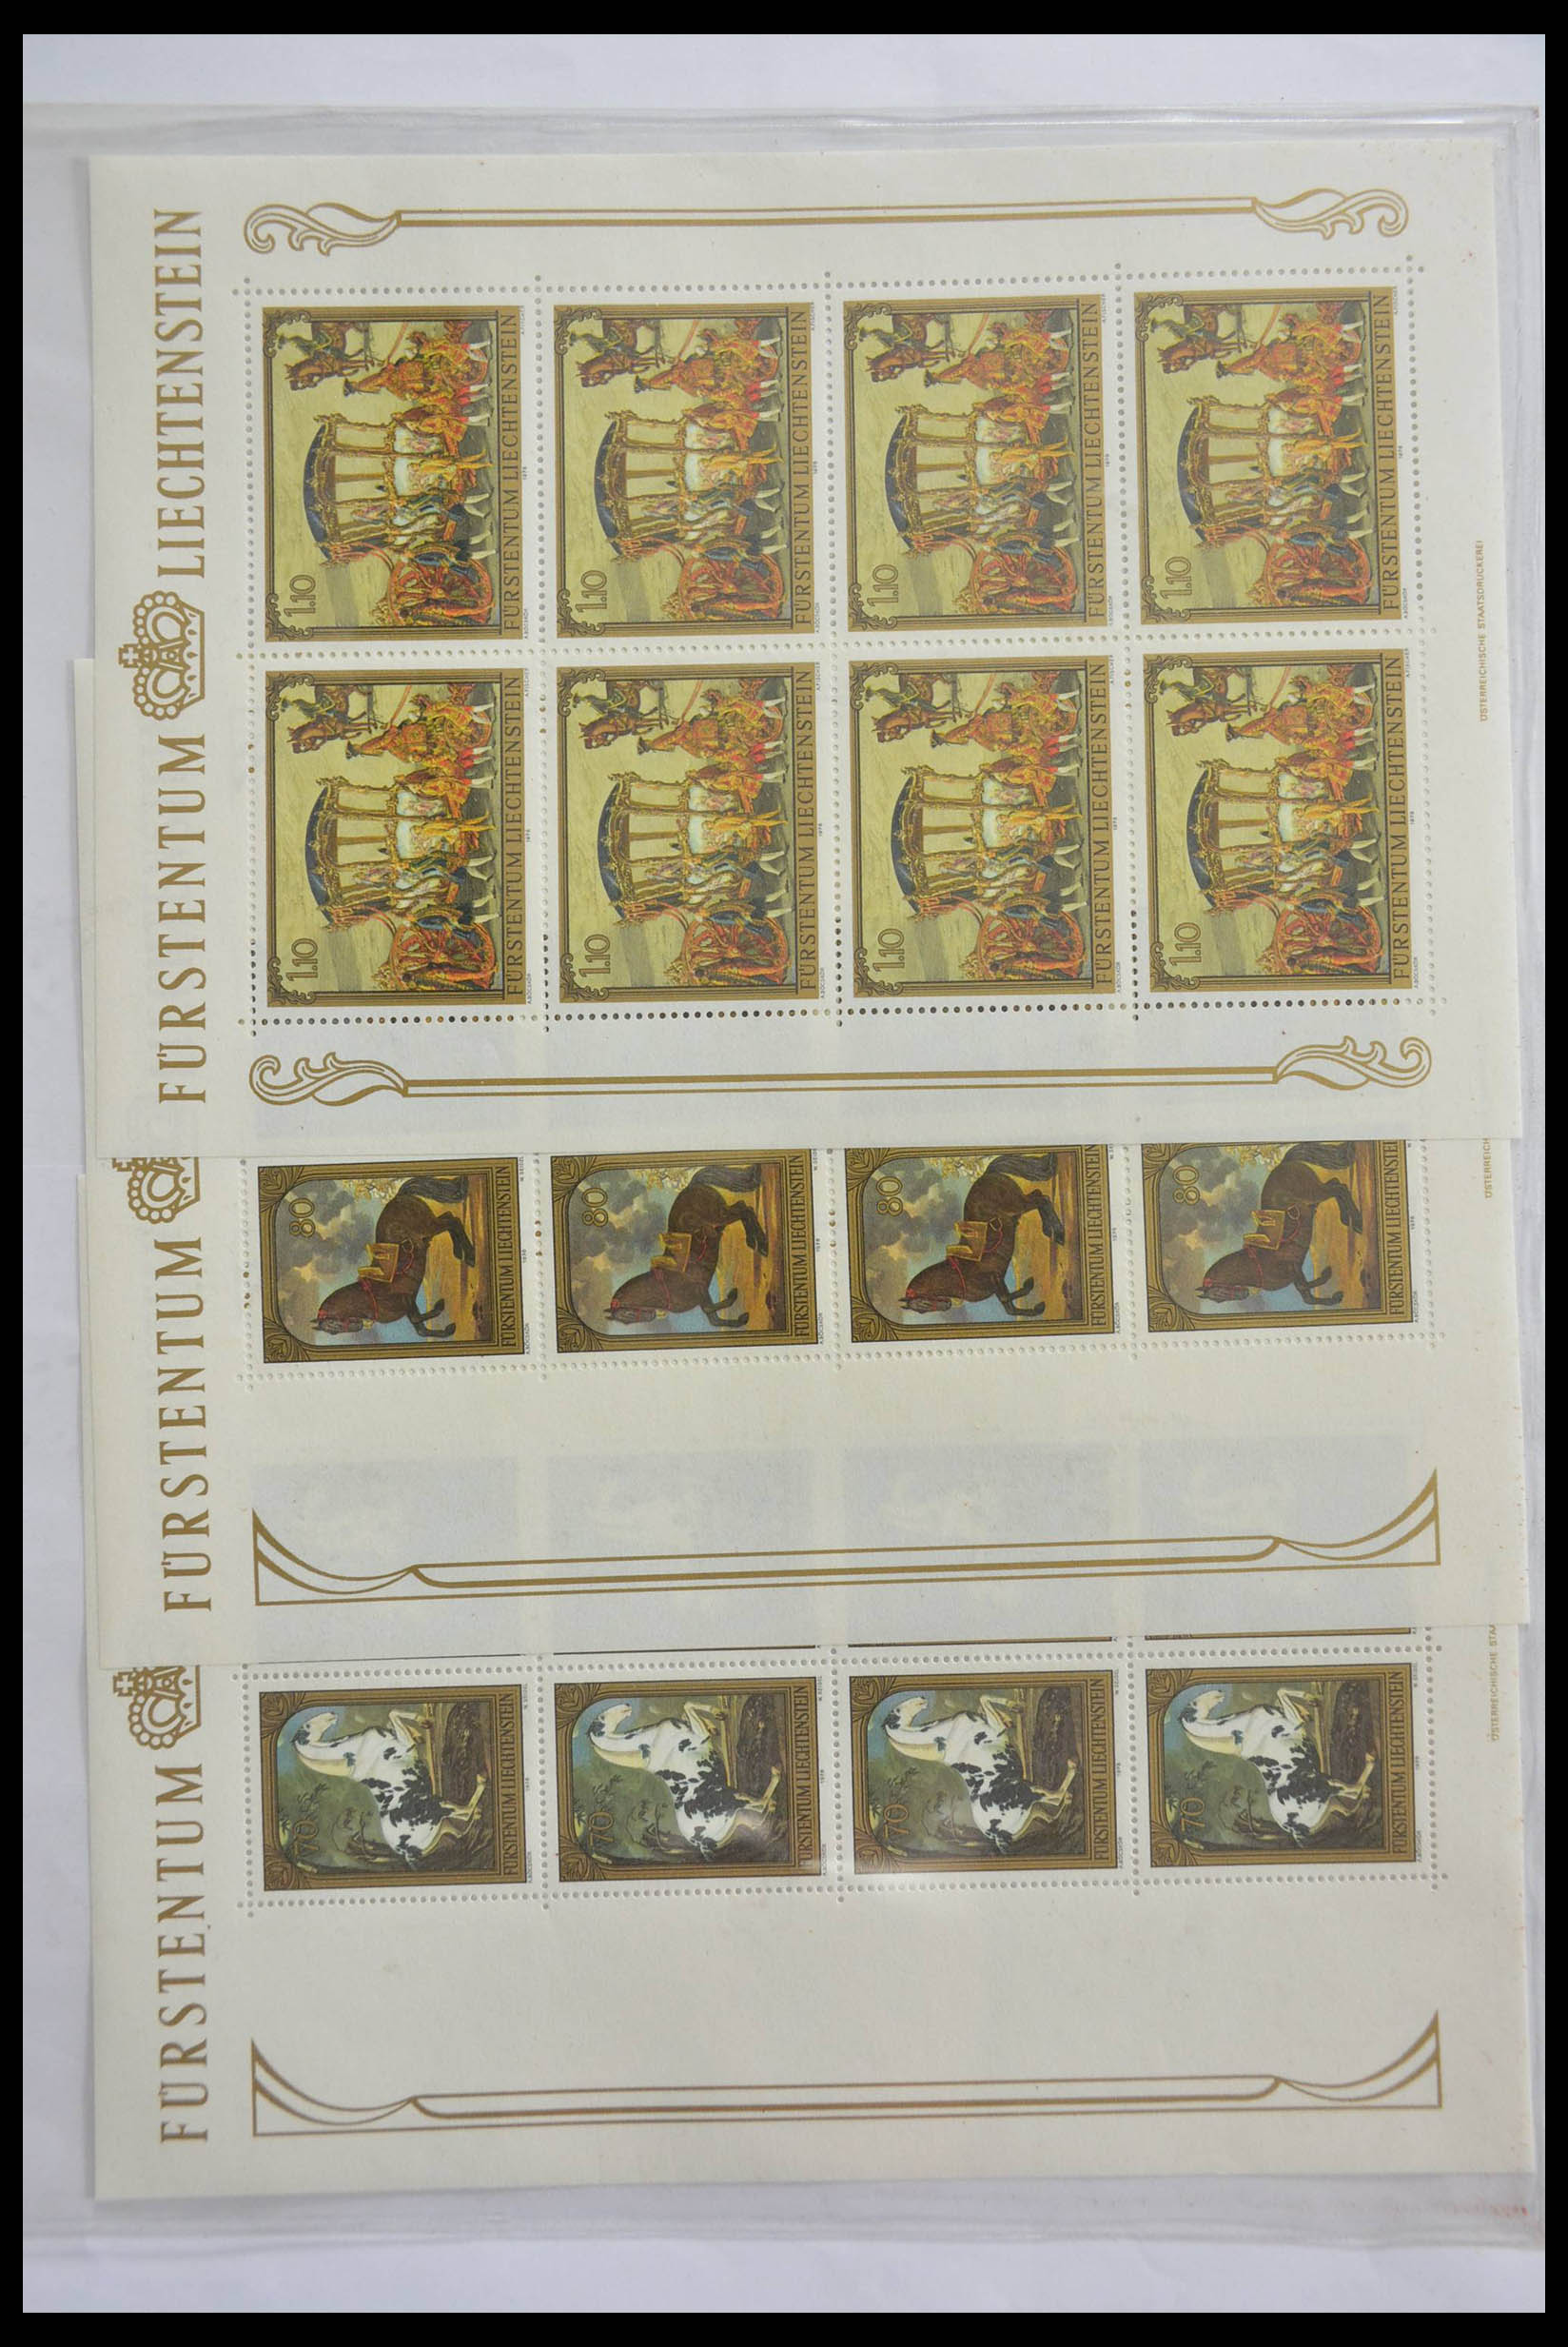 28472 011 - 28472 Liechtenstein 1973-1985.